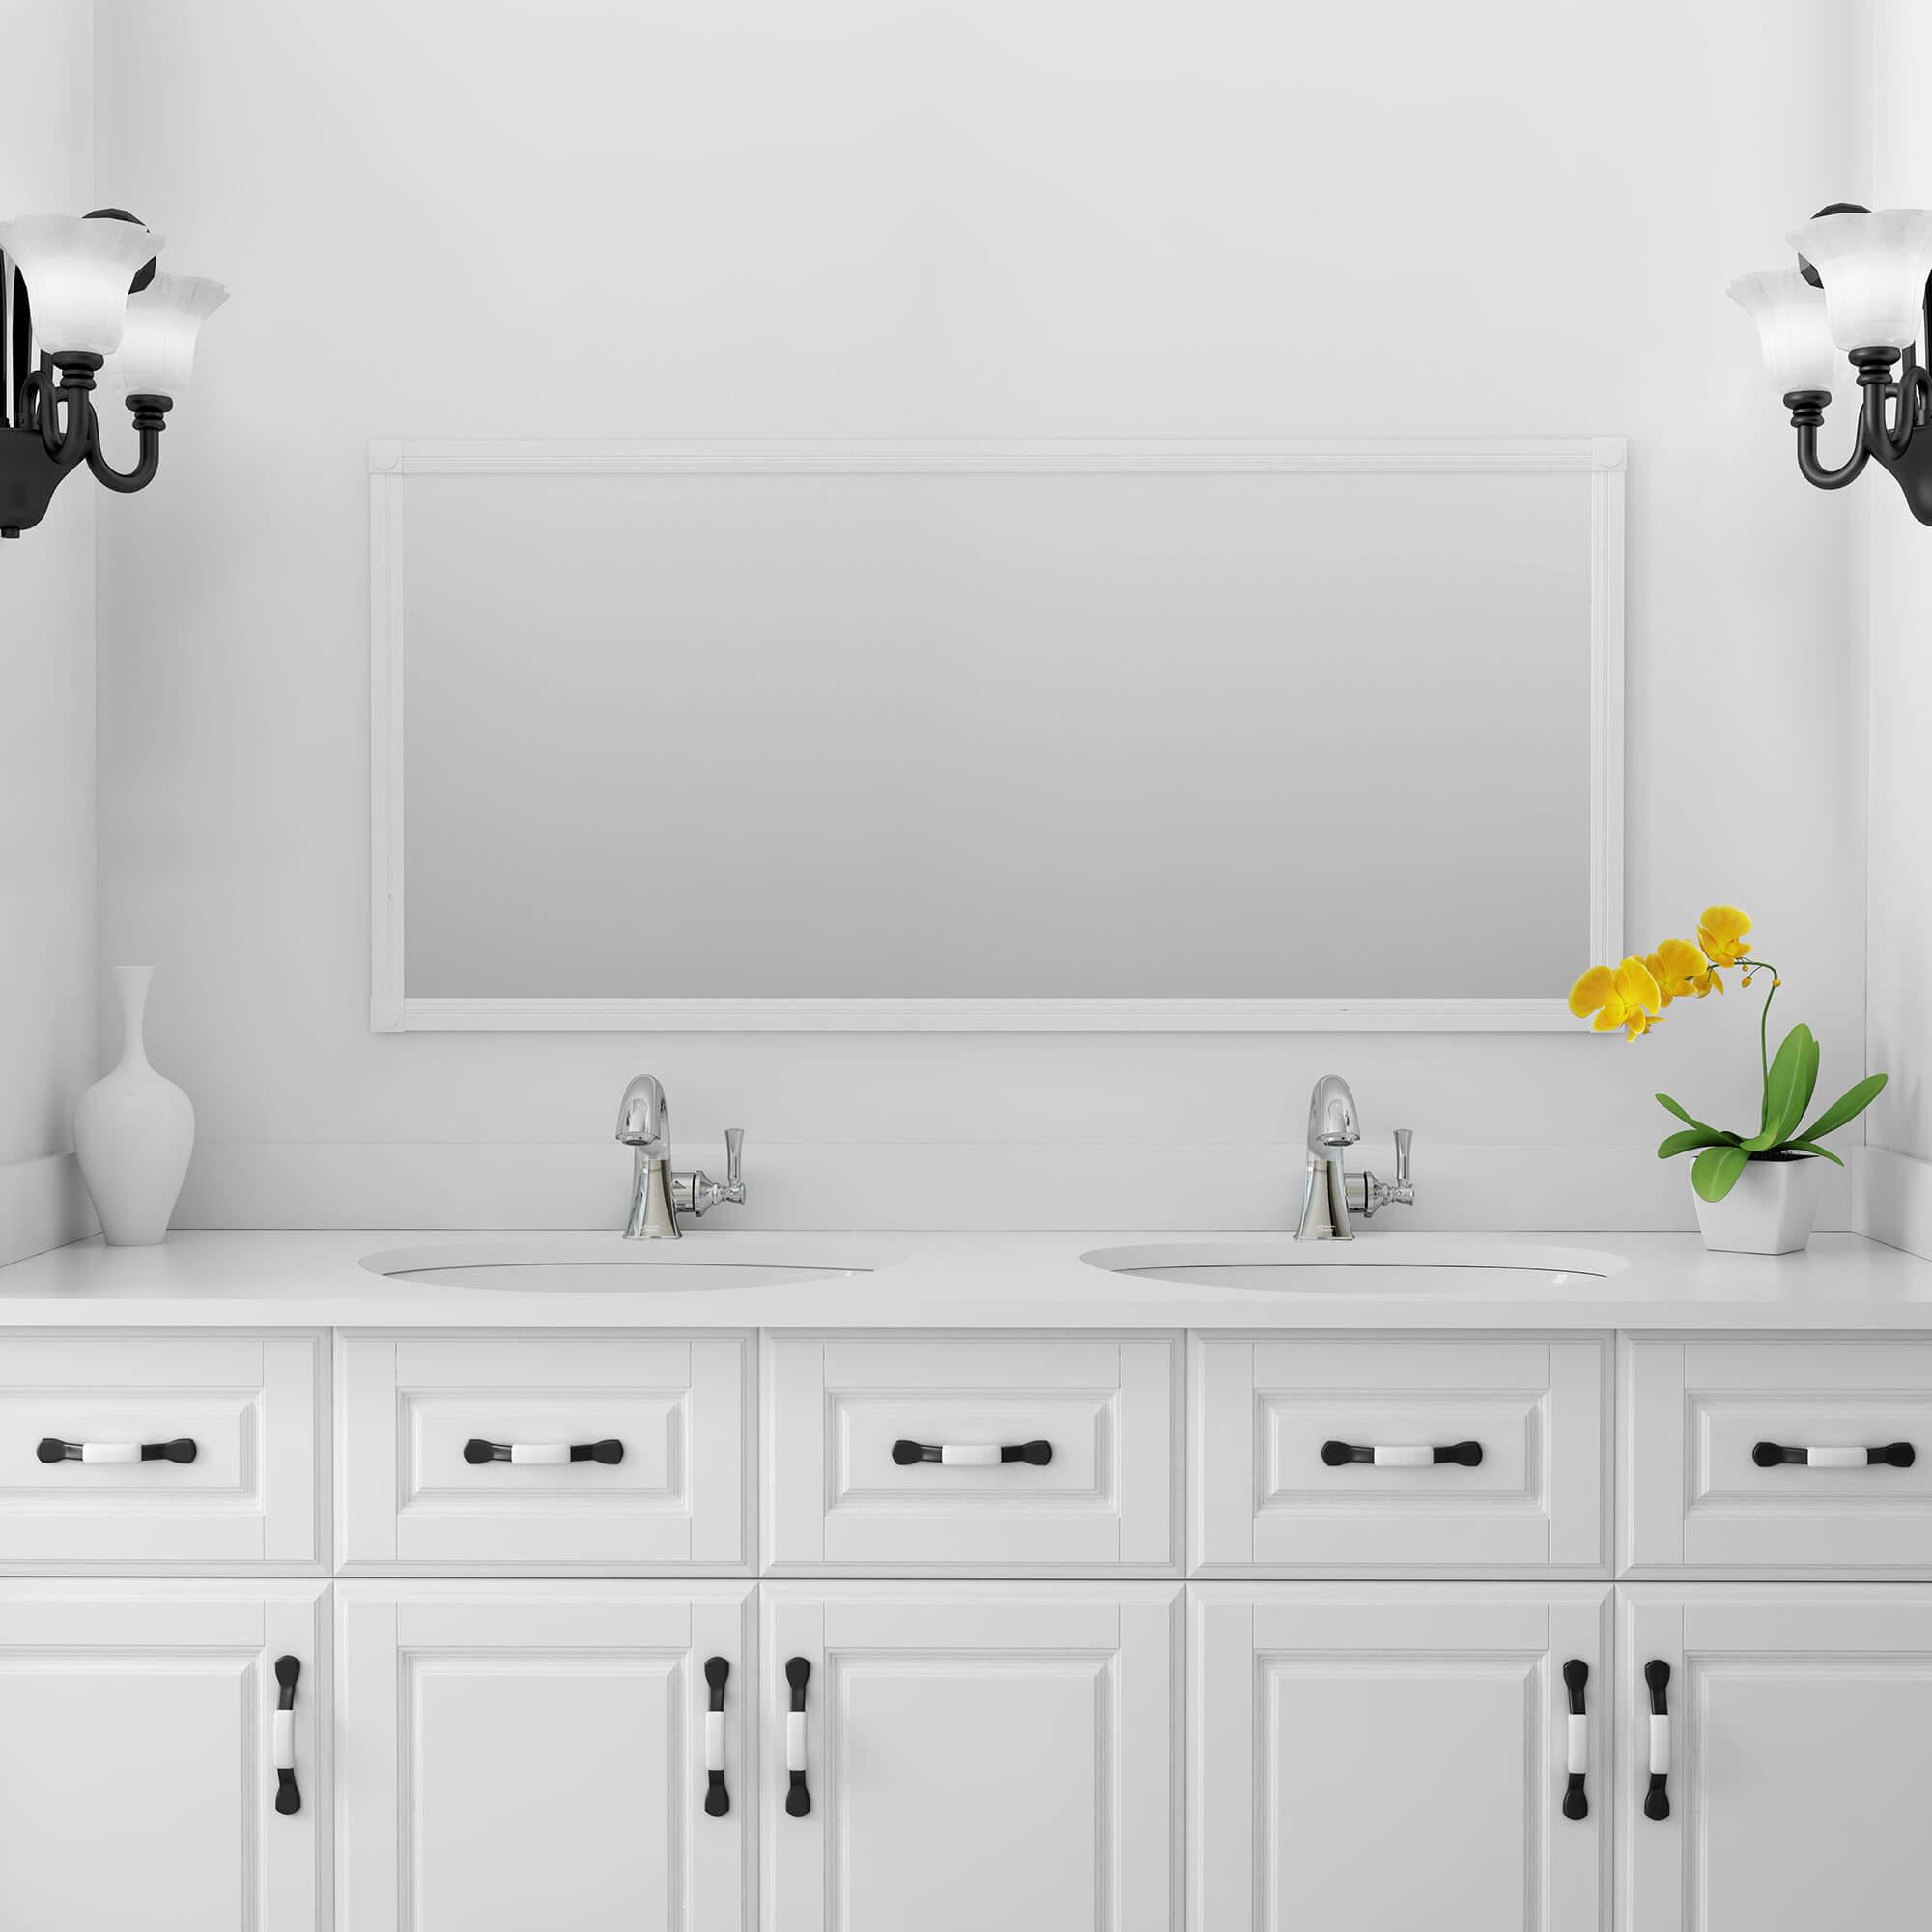 Chancellor Bathroom Faucet